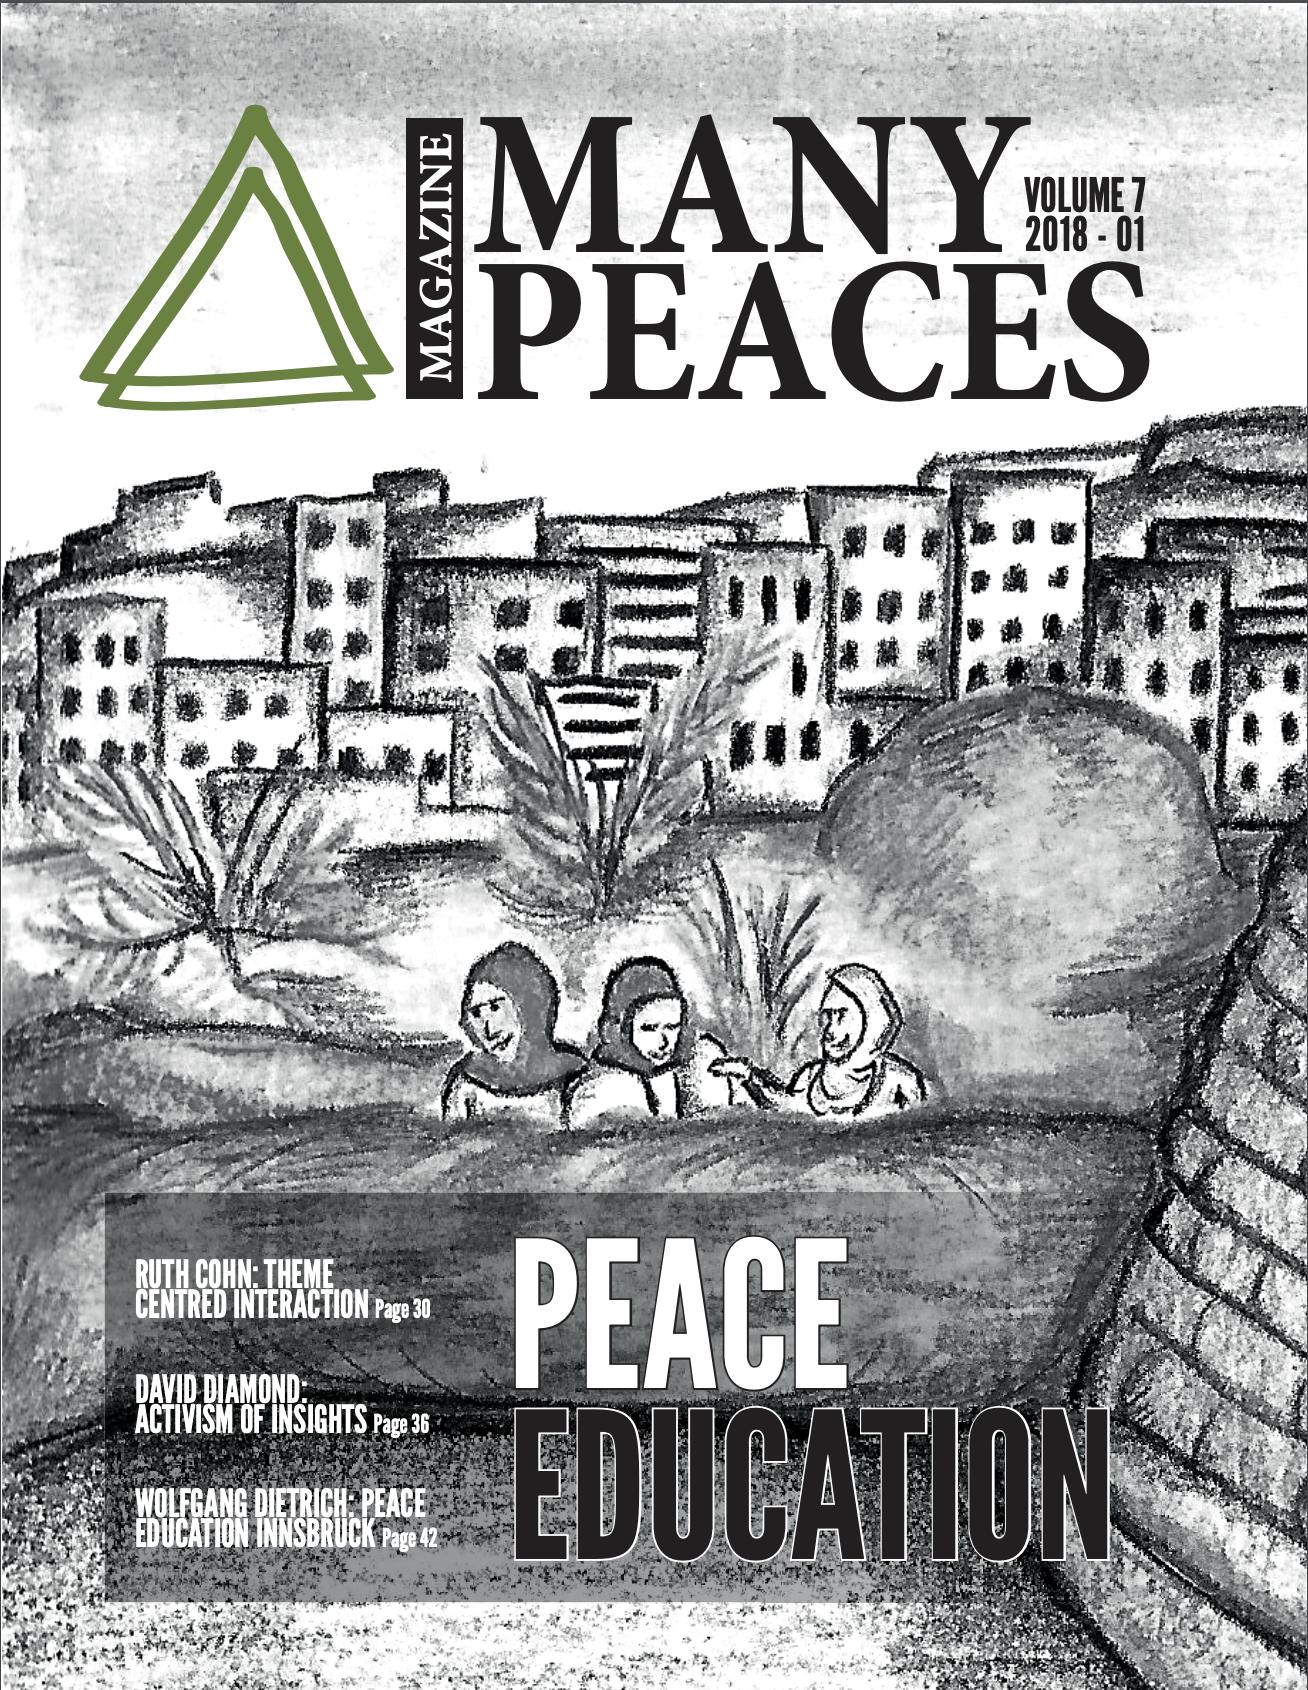 Revista académica europea de estudios de Paz de la UNESCO, Many Peaces. - El artículo se basa en las formas creativas de buscar alternativas a los conflictos violentos desde las expresiones de los jóvenes (experiencia tomada de los Talleres de foto debate, Montevideo-Uruguay).